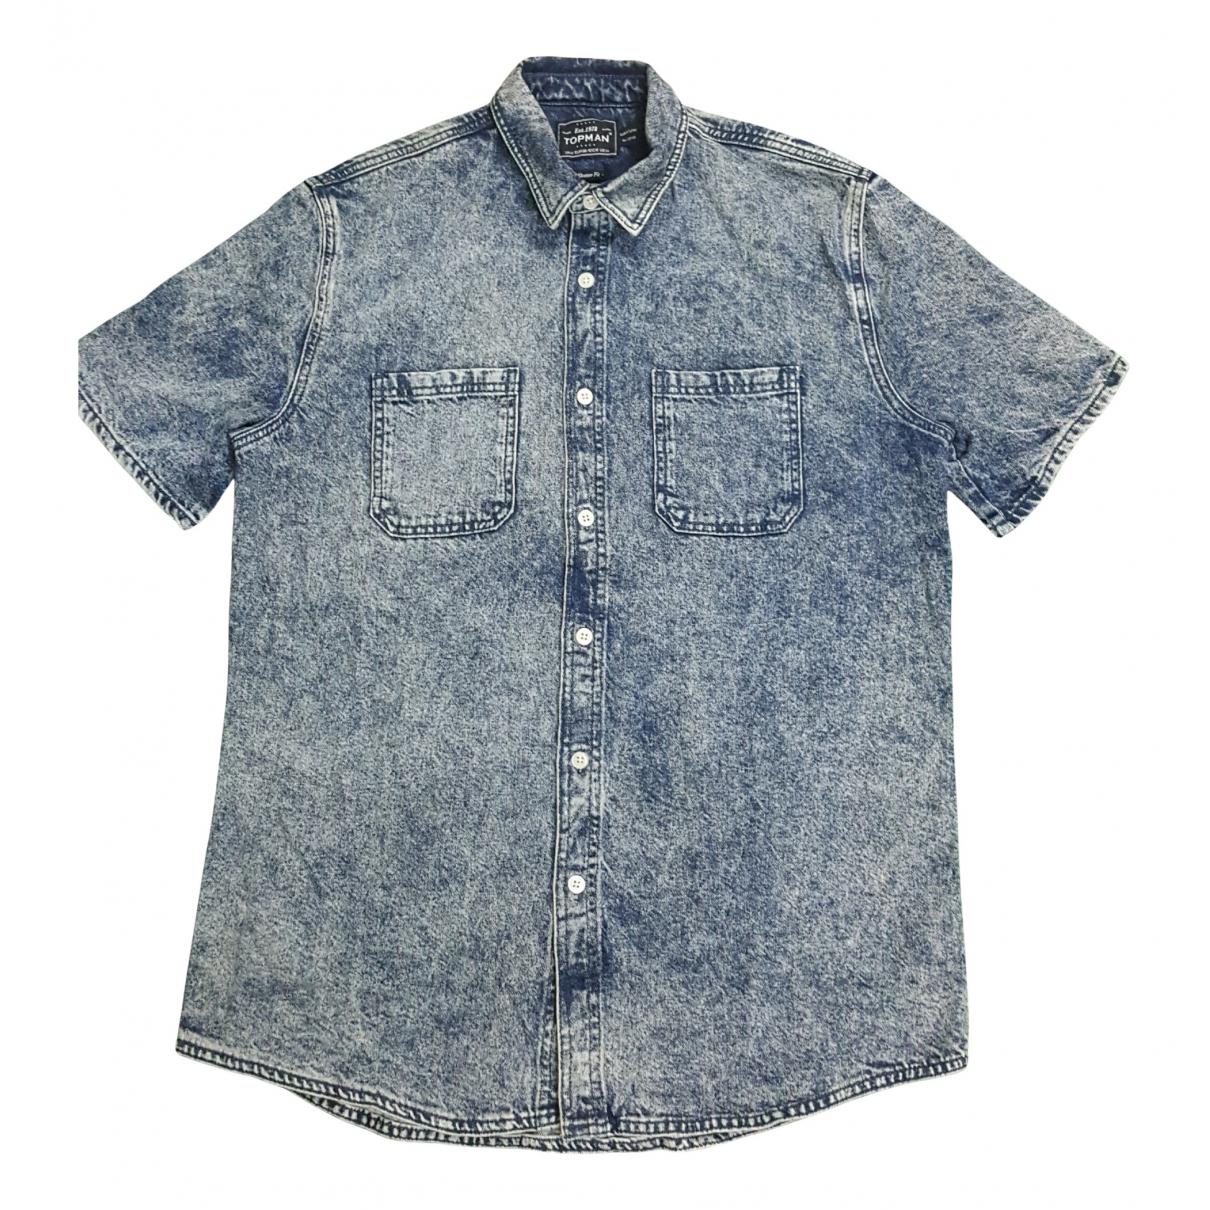 Topman - Chemises   pour homme en denim